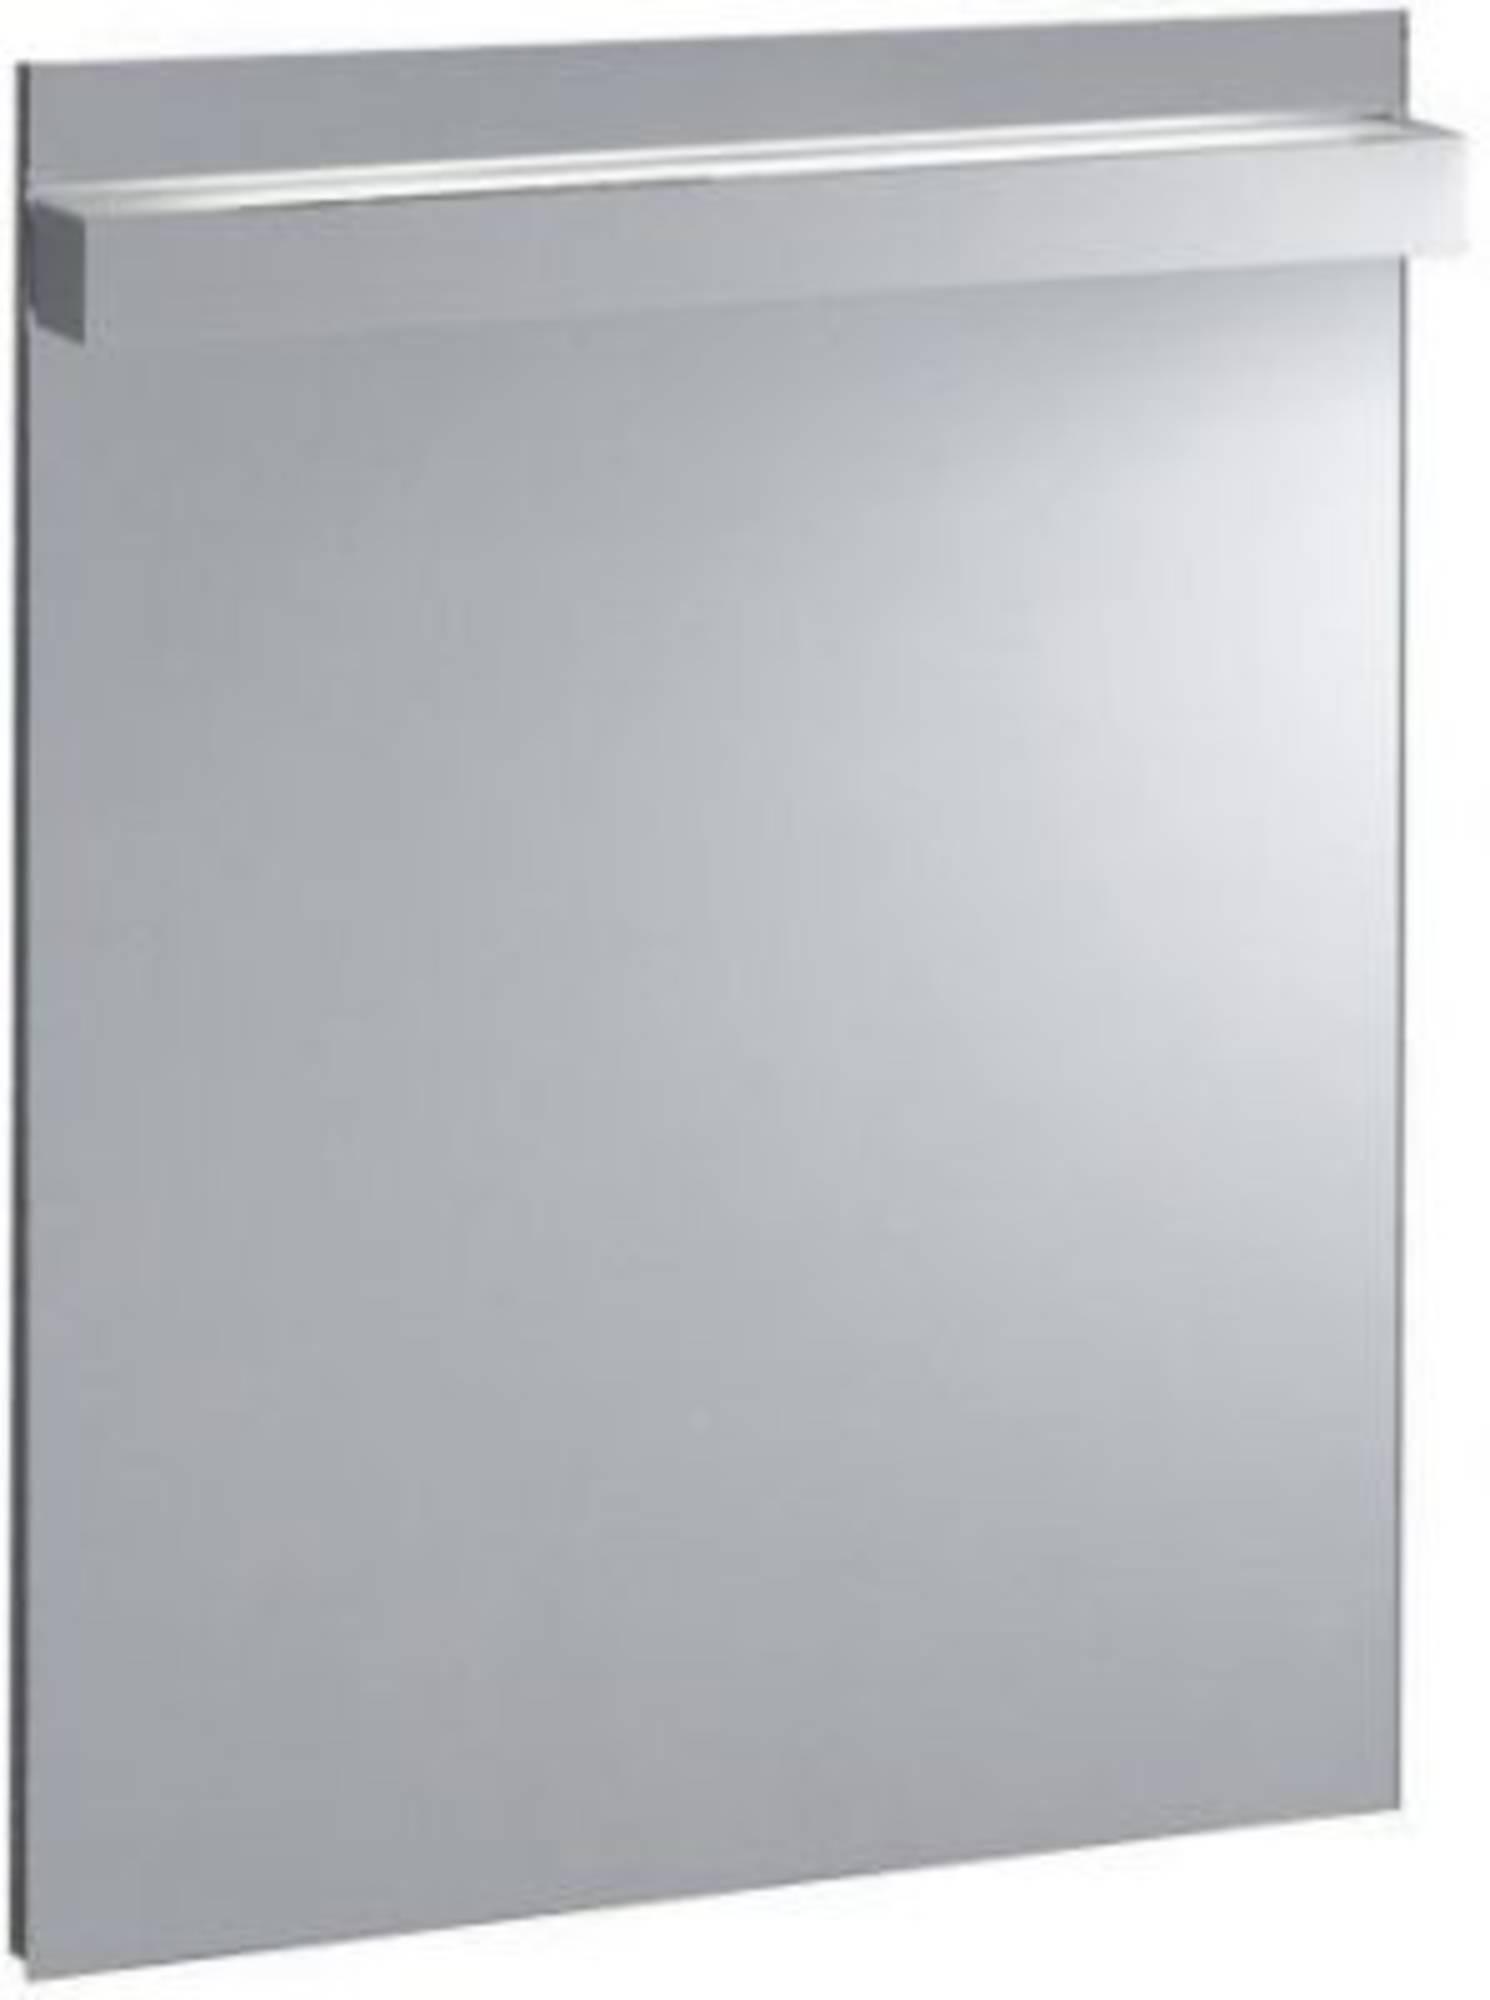 Sphinx Serie 345 spiegelpaneel 60 x 75 cm met led verlichting